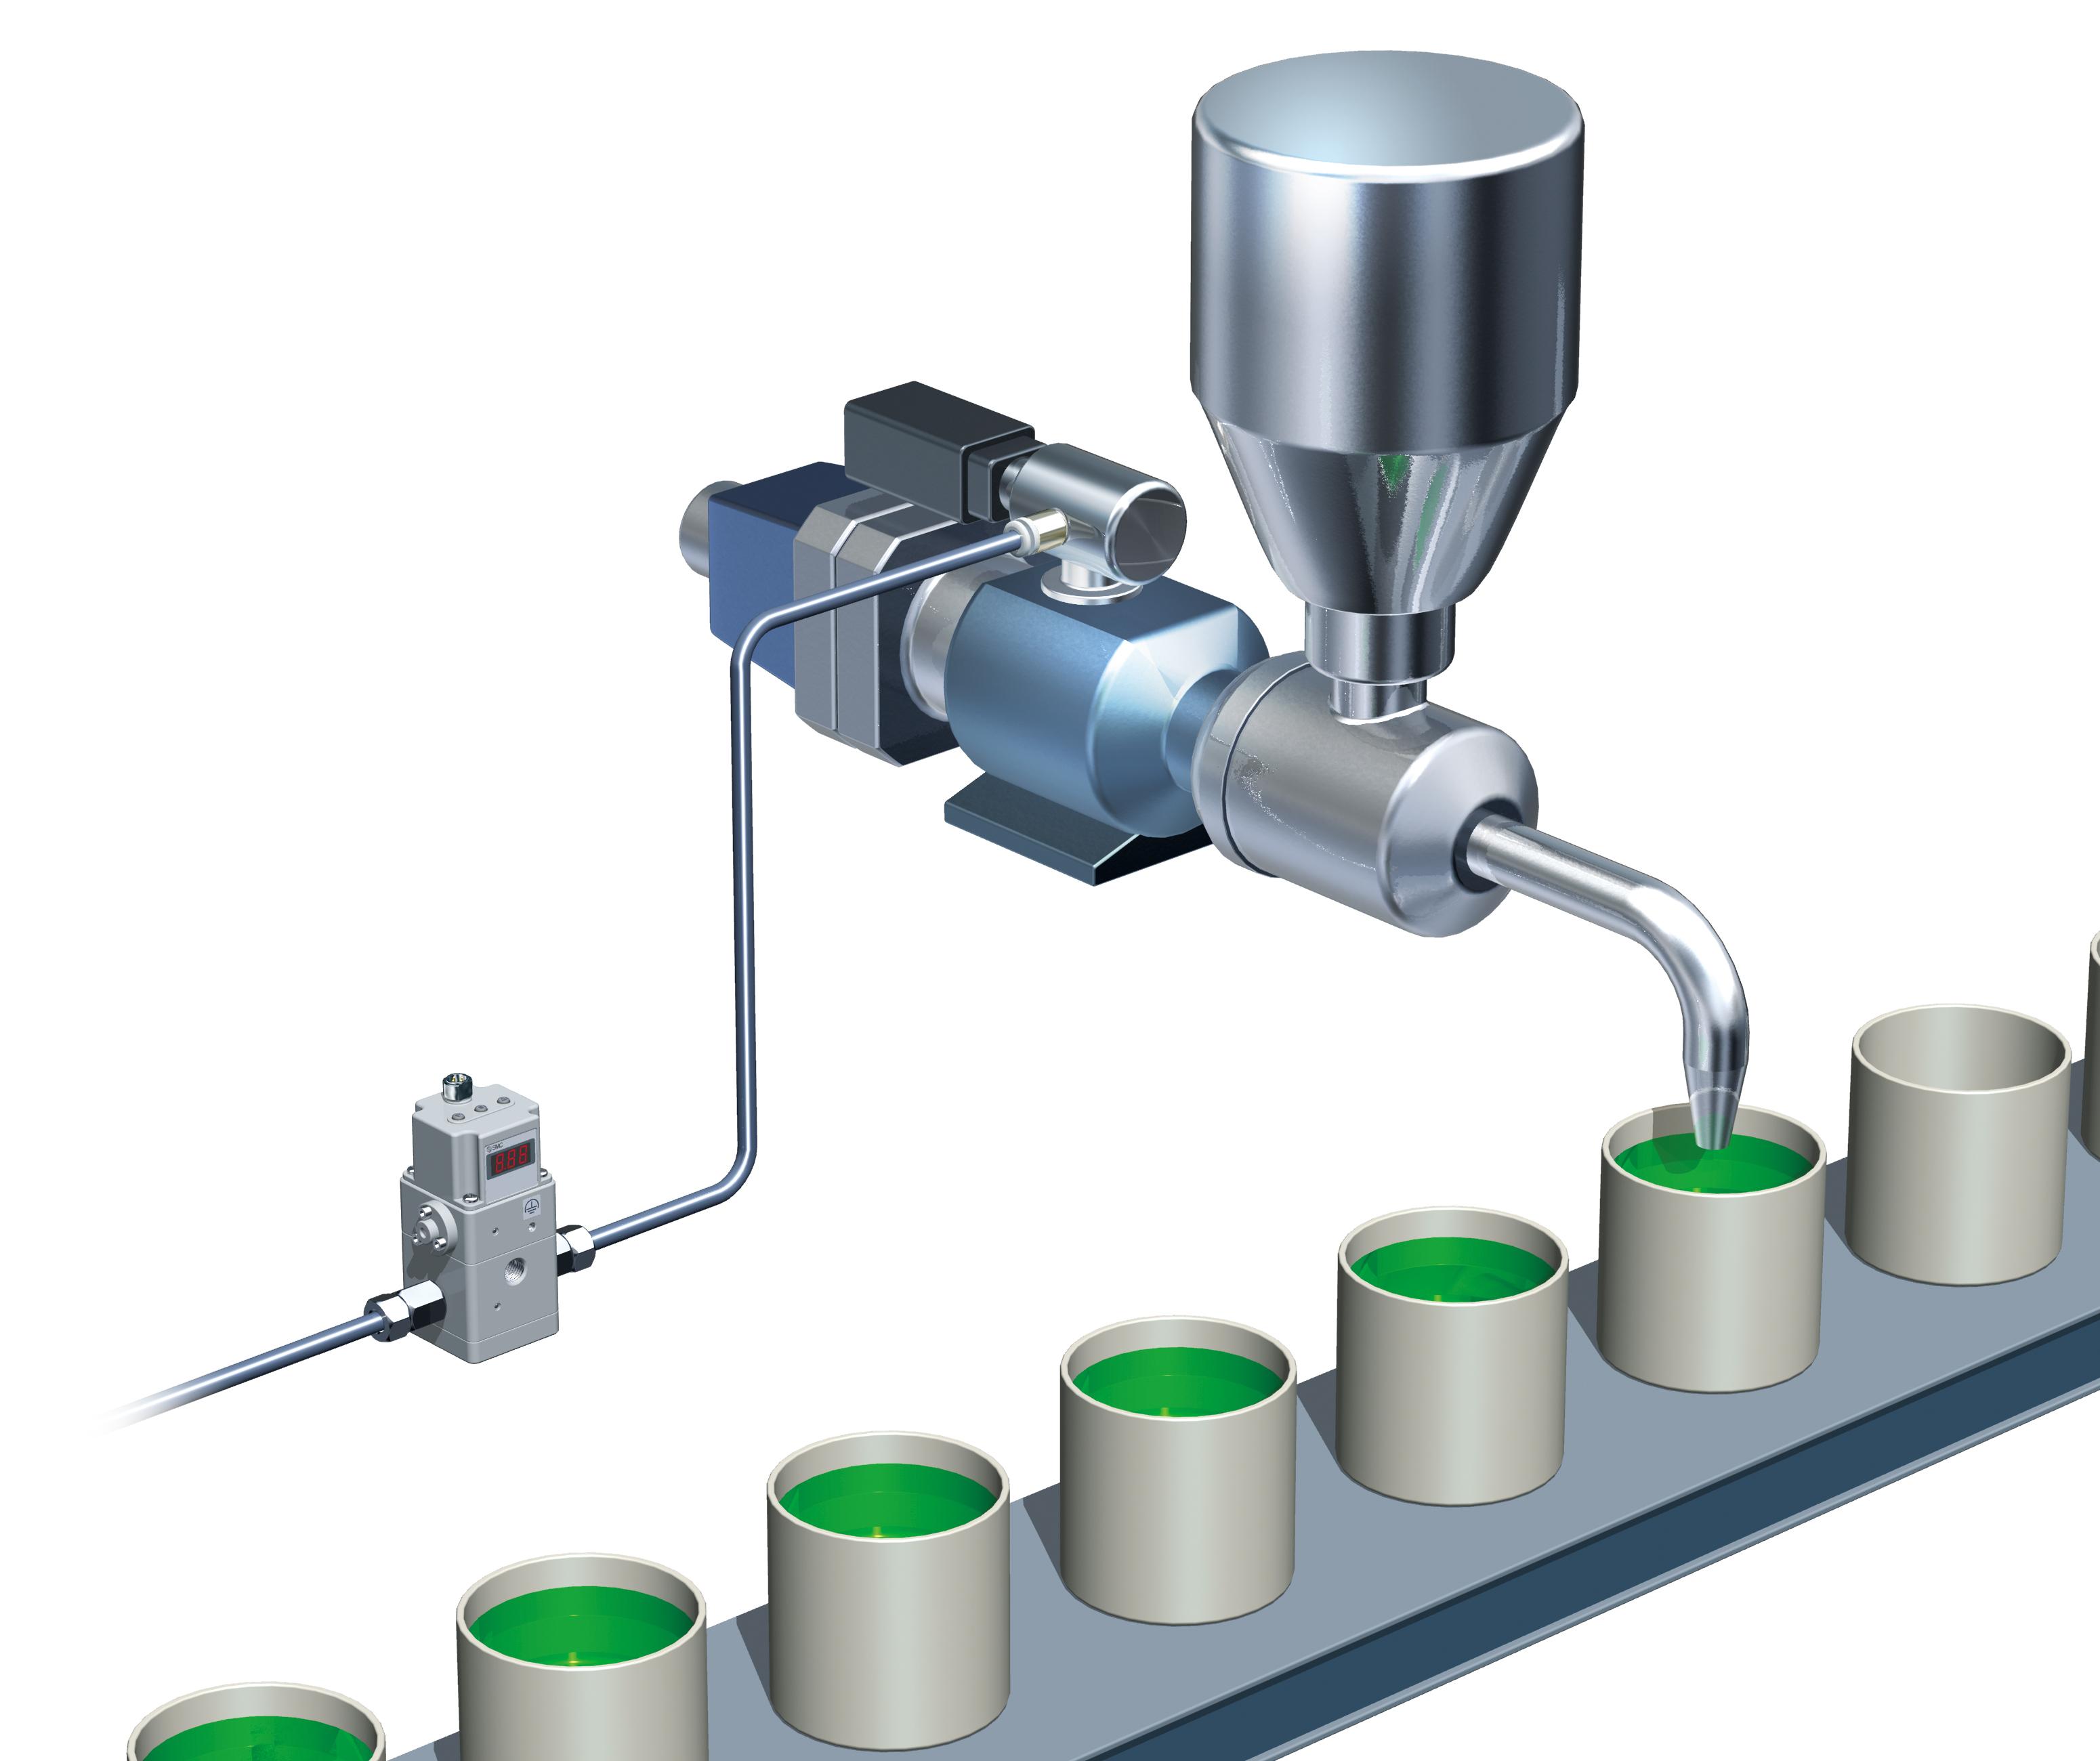 aplicação do regulador eletropneumático de alta pressão ITVH